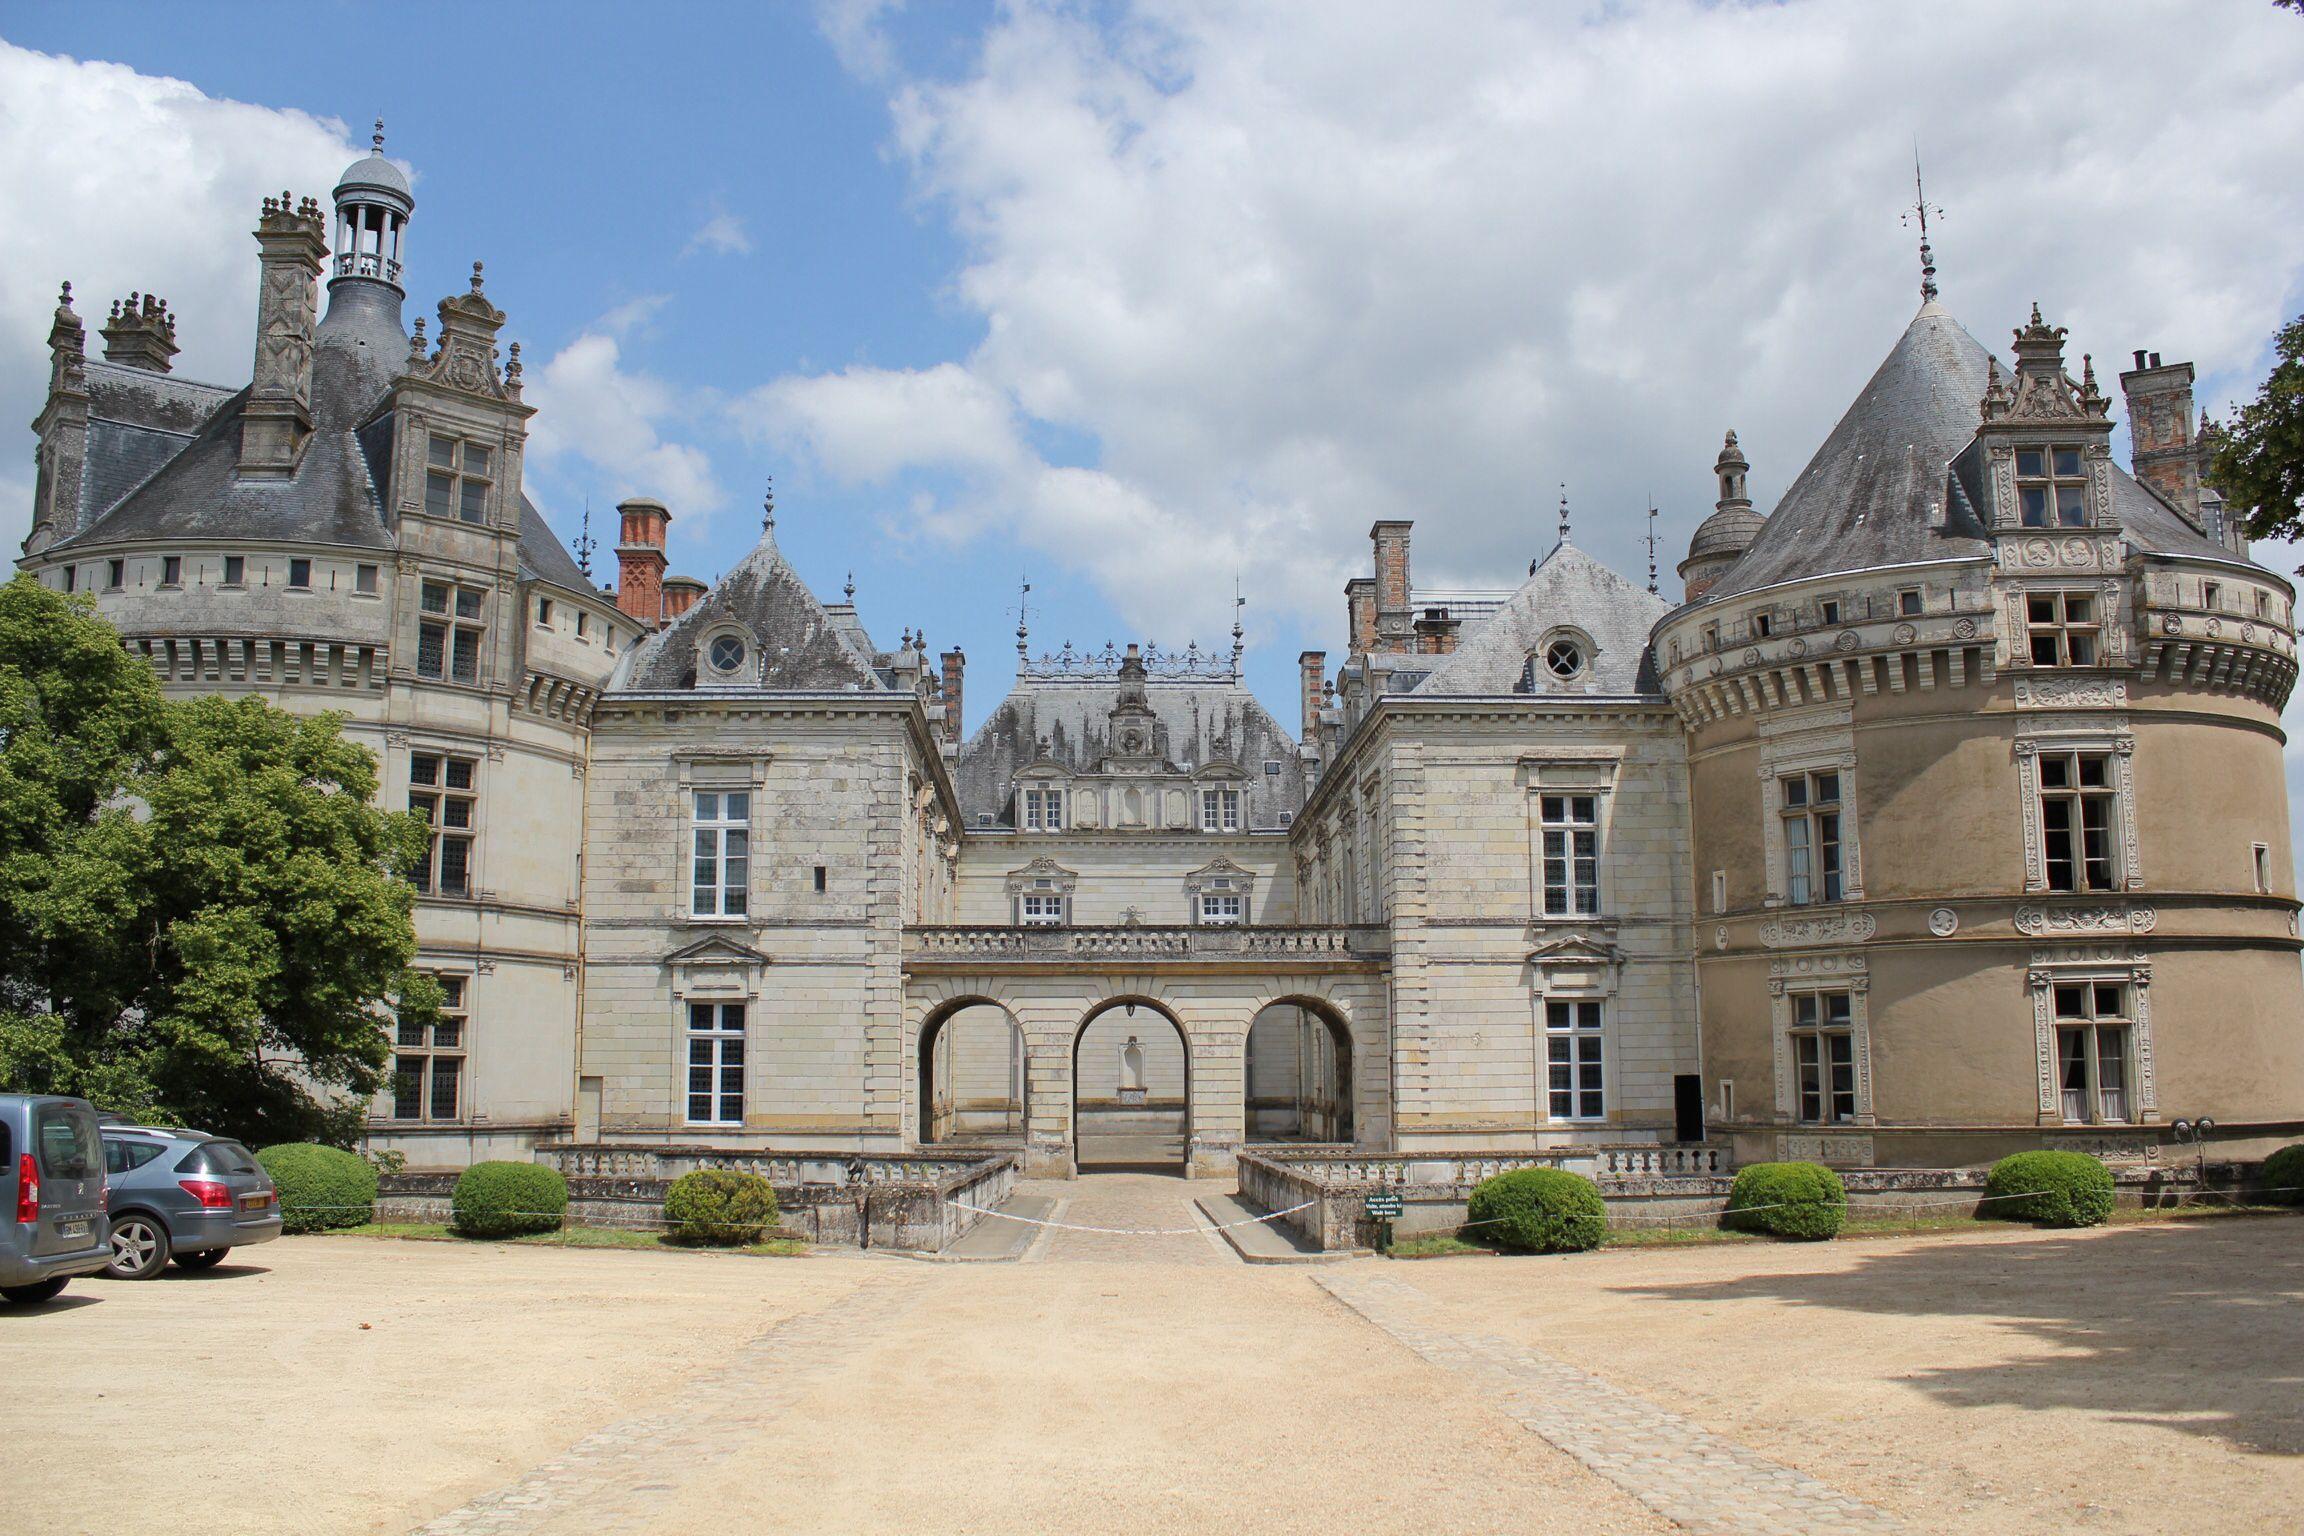 Chateaux du Lude Chateau, Castle house, European